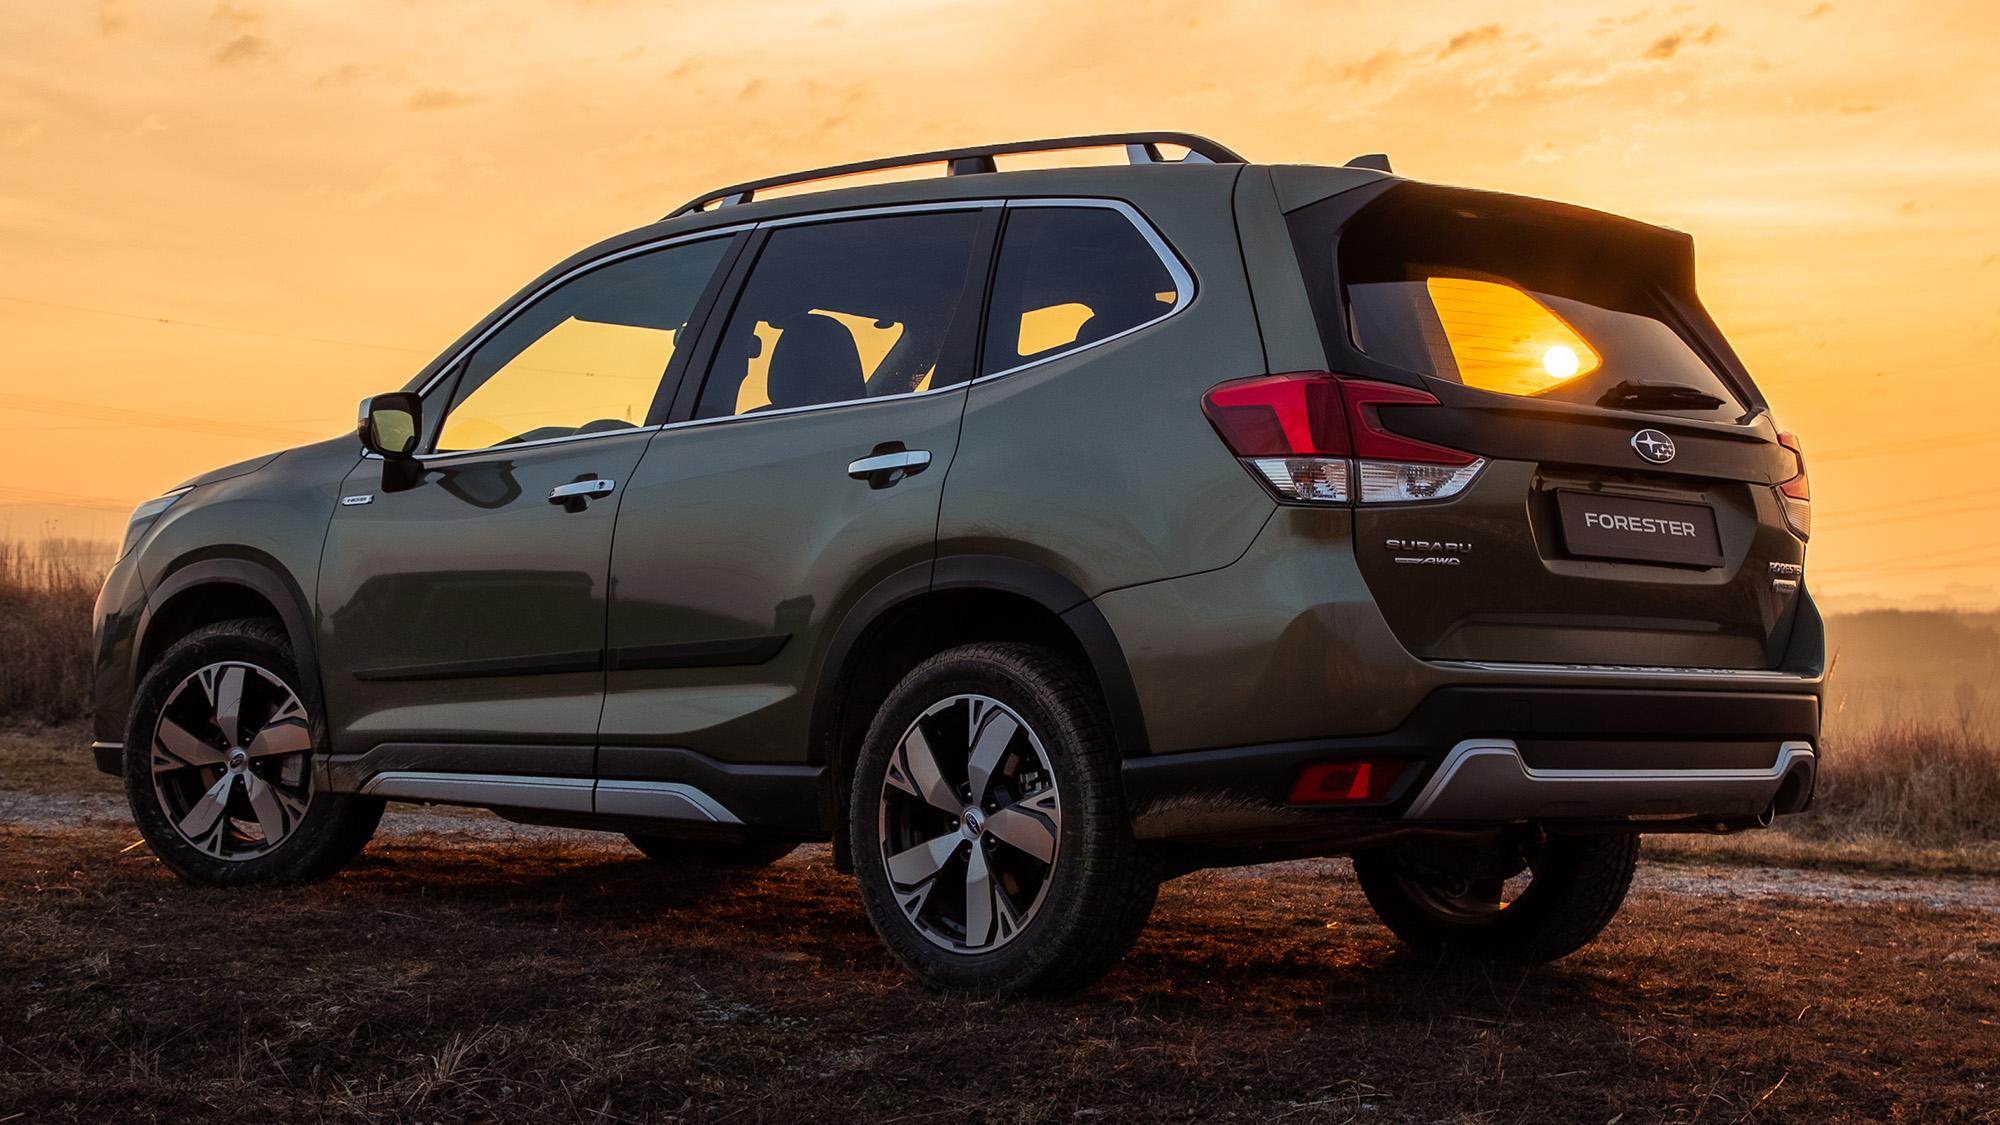 Subaru Forester tem 4,6 m de comprimento e 2,7 m entre eixos, sem perder talento para a terra